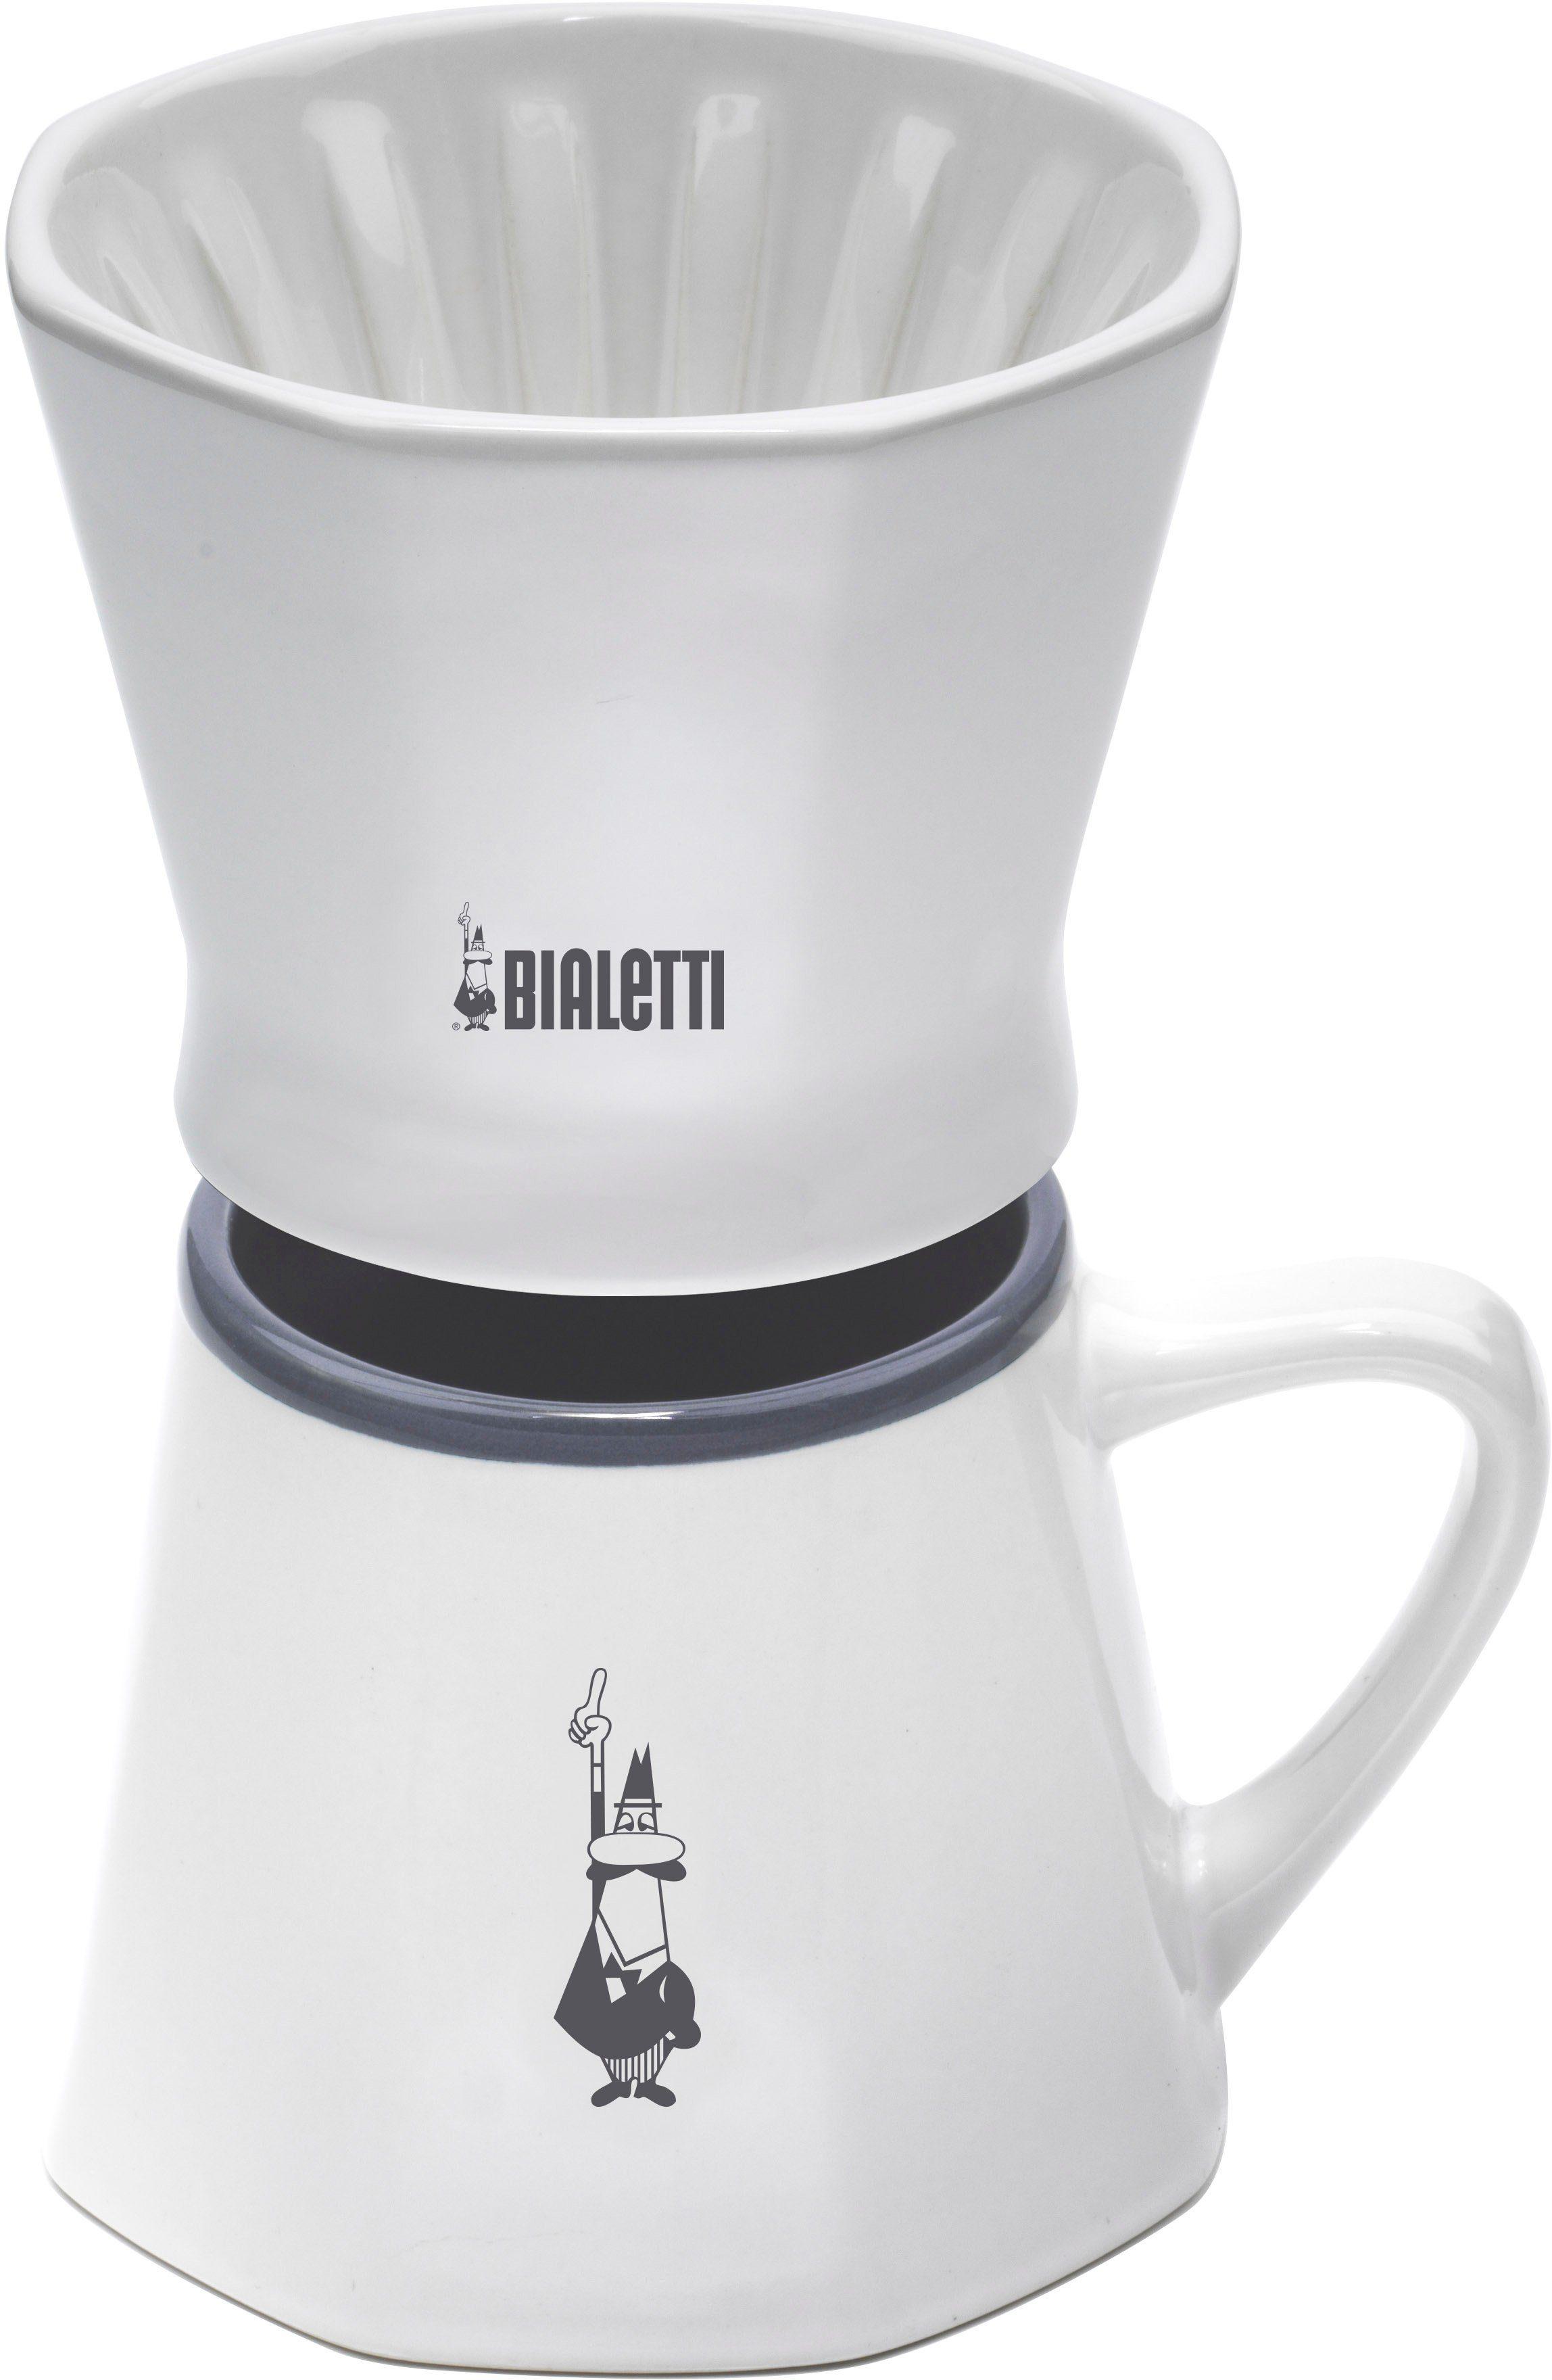 BIALETTI Kaffeetasse mit Filterausatz, Keramik